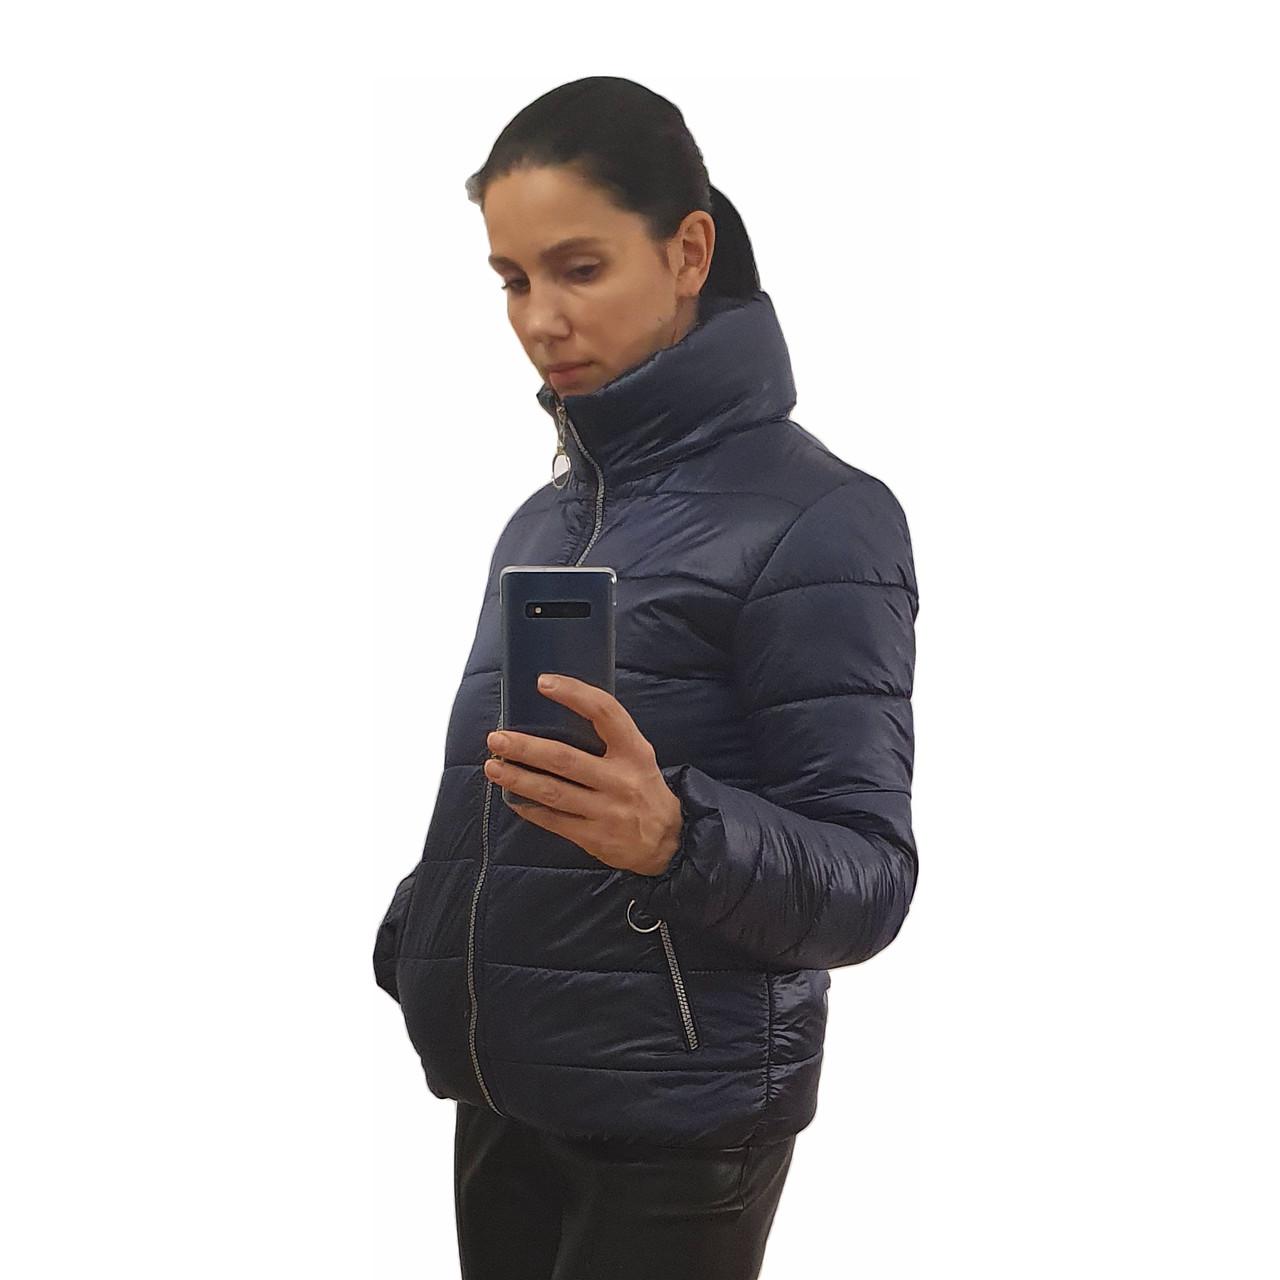 Жіноча демісезонна дута куртка з коміром стійкою і відстібними капюшоном, модель Світу, Чорнильна